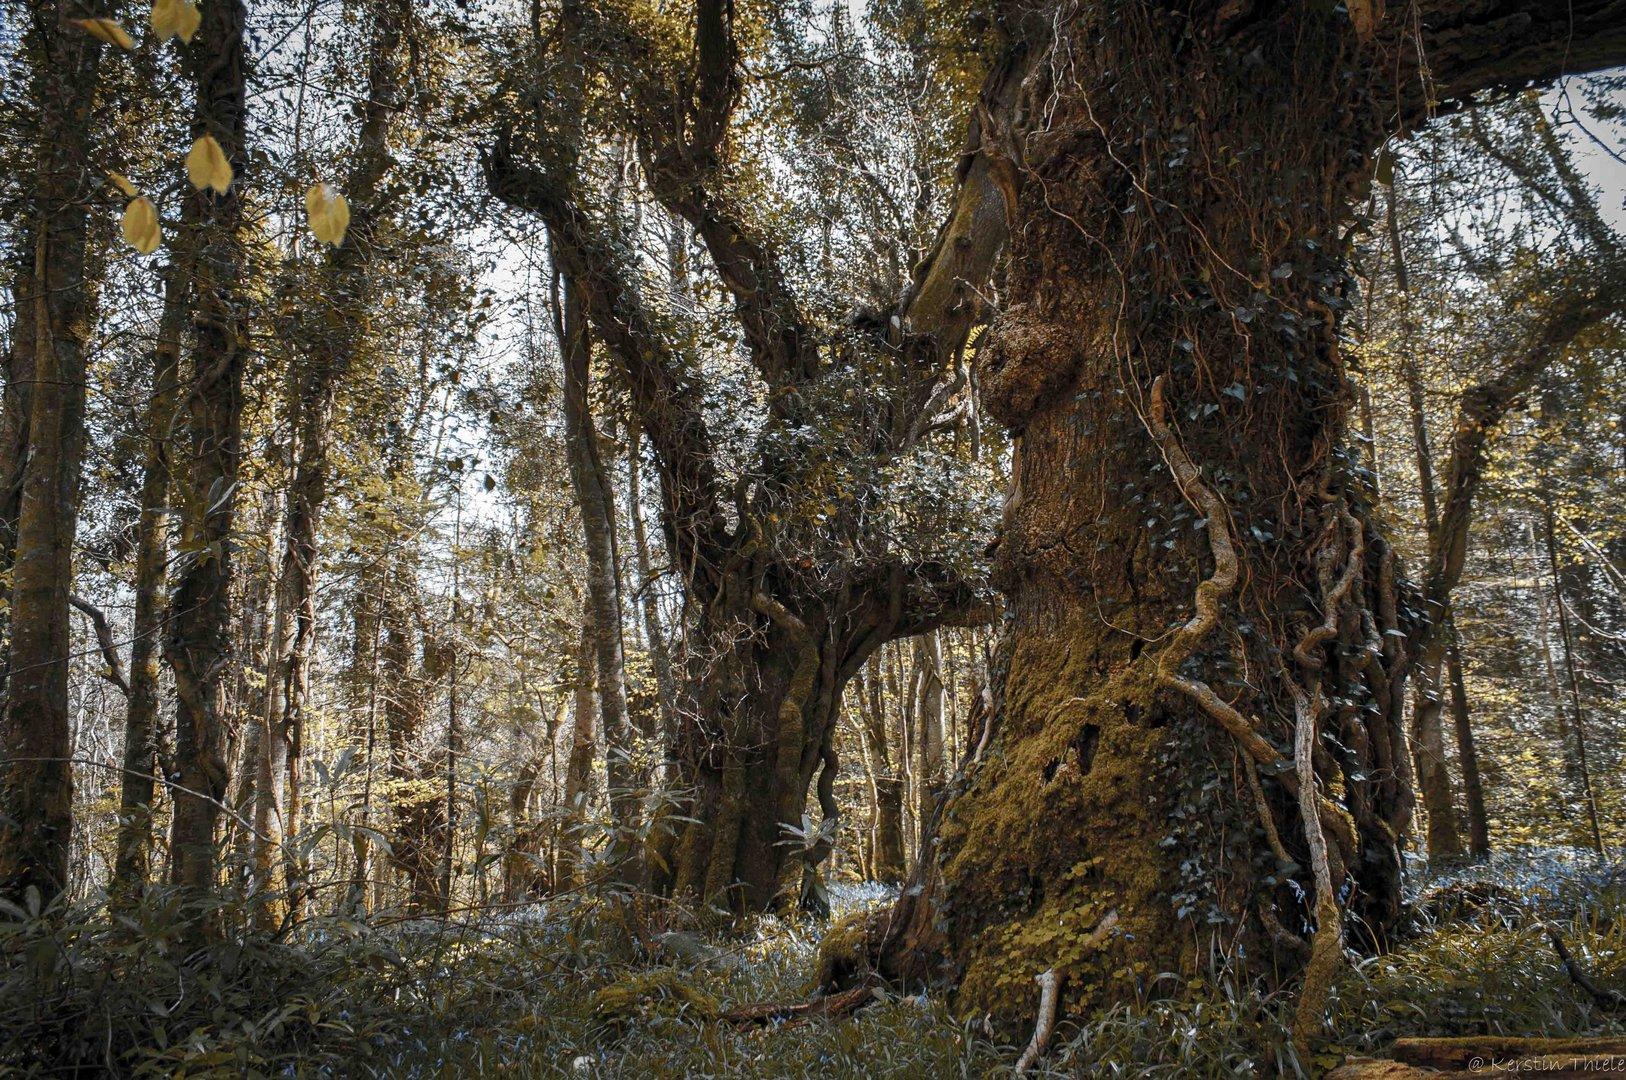 alte b ume im lough key forest park foto bild landschaft wald irland bilder auf fotocommunity. Black Bedroom Furniture Sets. Home Design Ideas